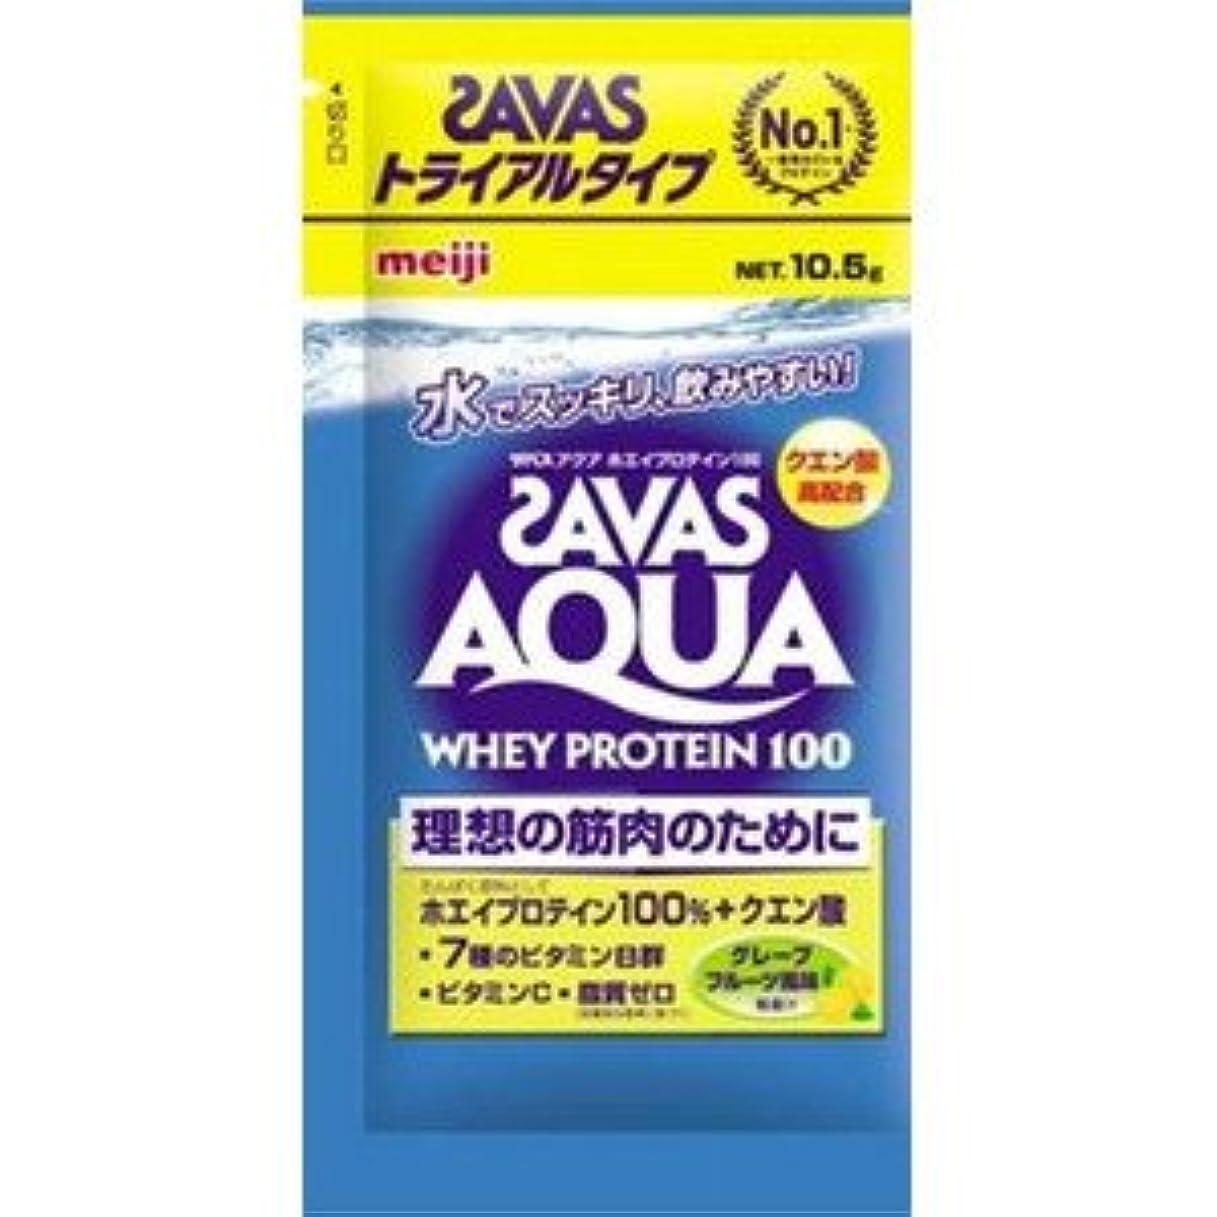 壊れたエイズ一回(ロート製薬)肌研 極潤ヒアルロン洗顔フォーム 100g(お買い得3本セット)